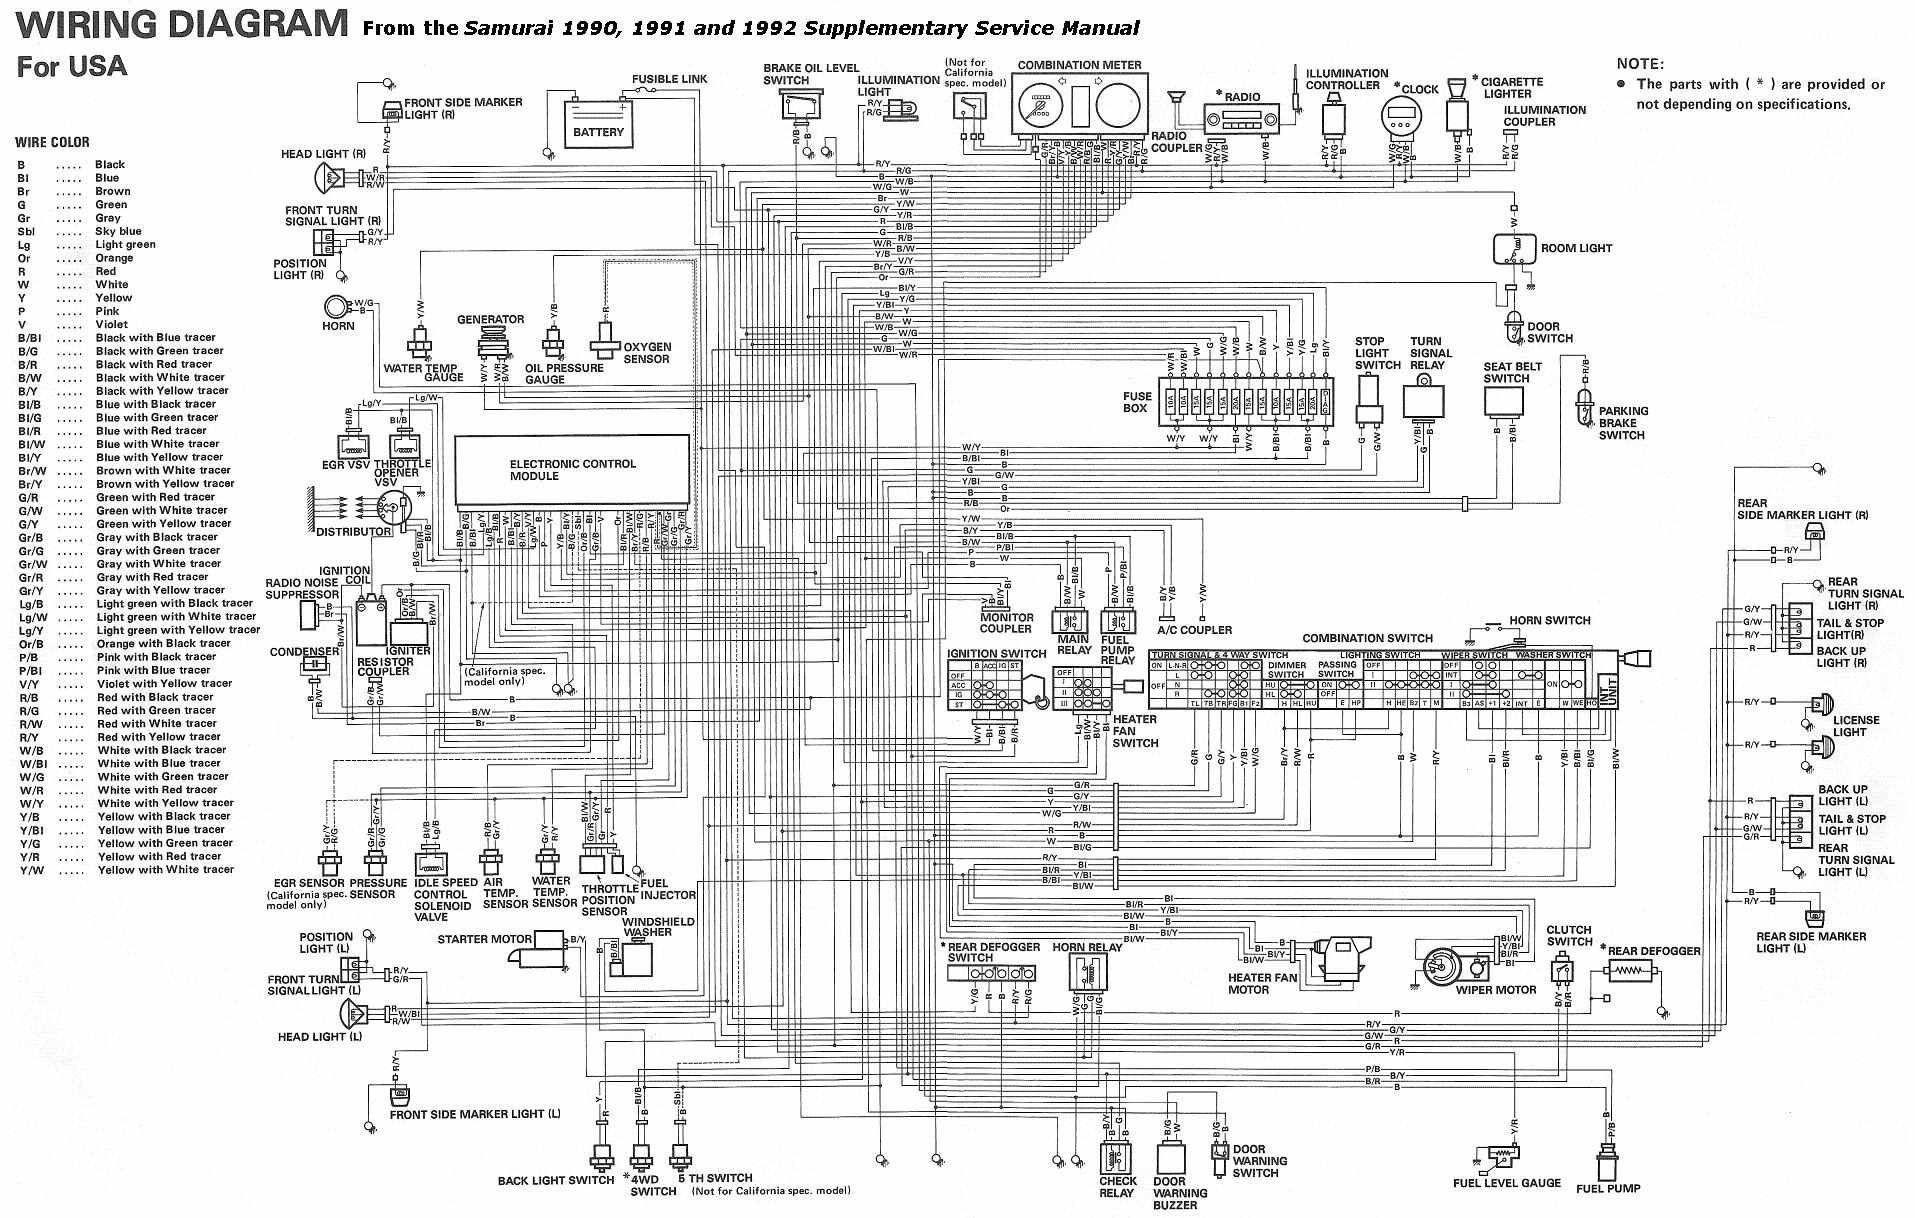 suzuki x90 wiring diagram wiring schematic diagram 194suzuki x90 wiring diagram wiring schematic diagram 40 shanwu [ 1915 x 1218 Pixel ]